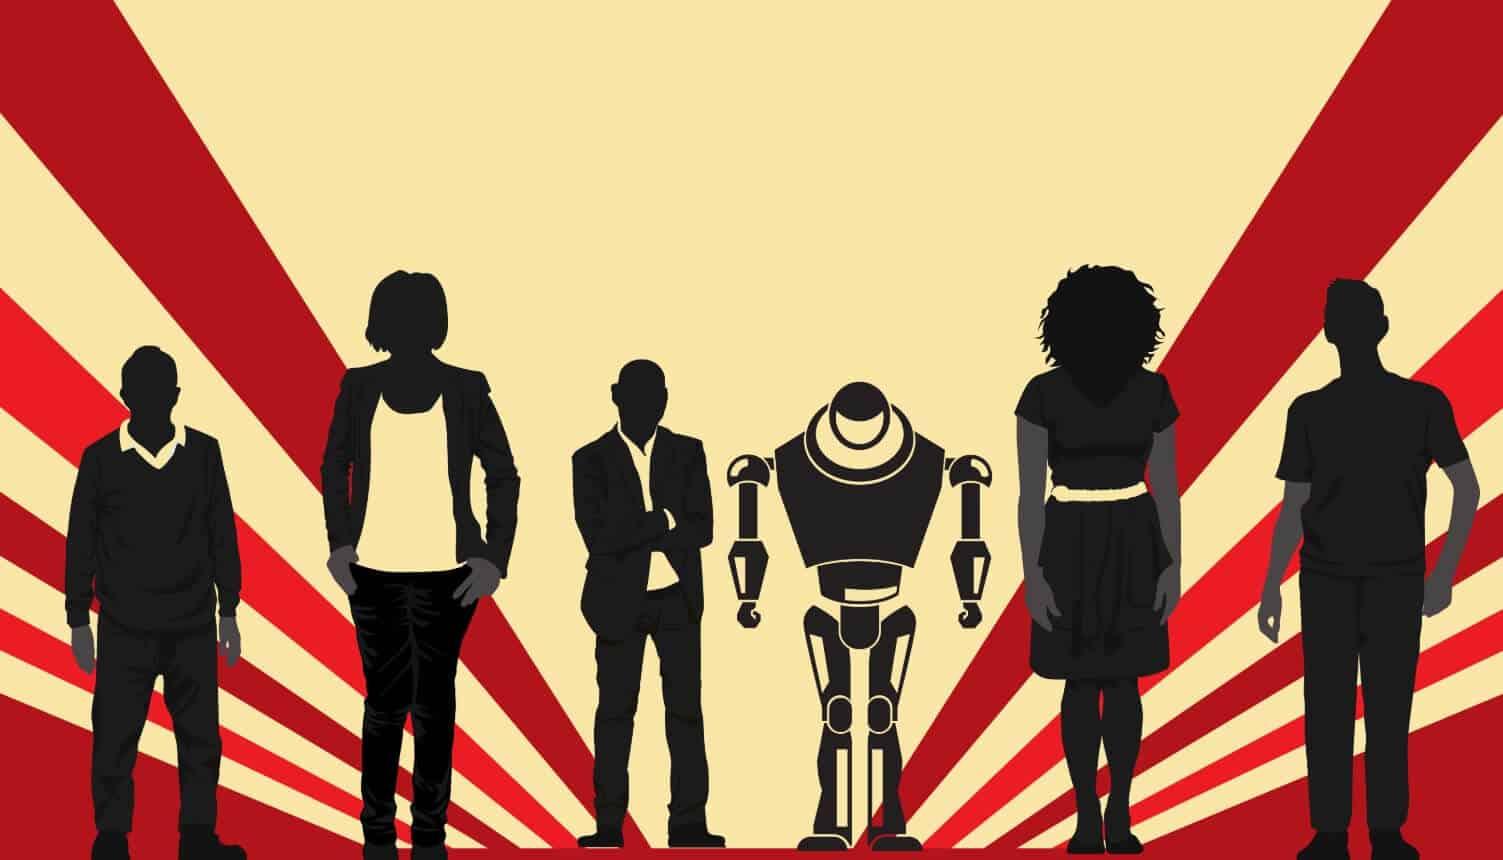 politcal bots in social media